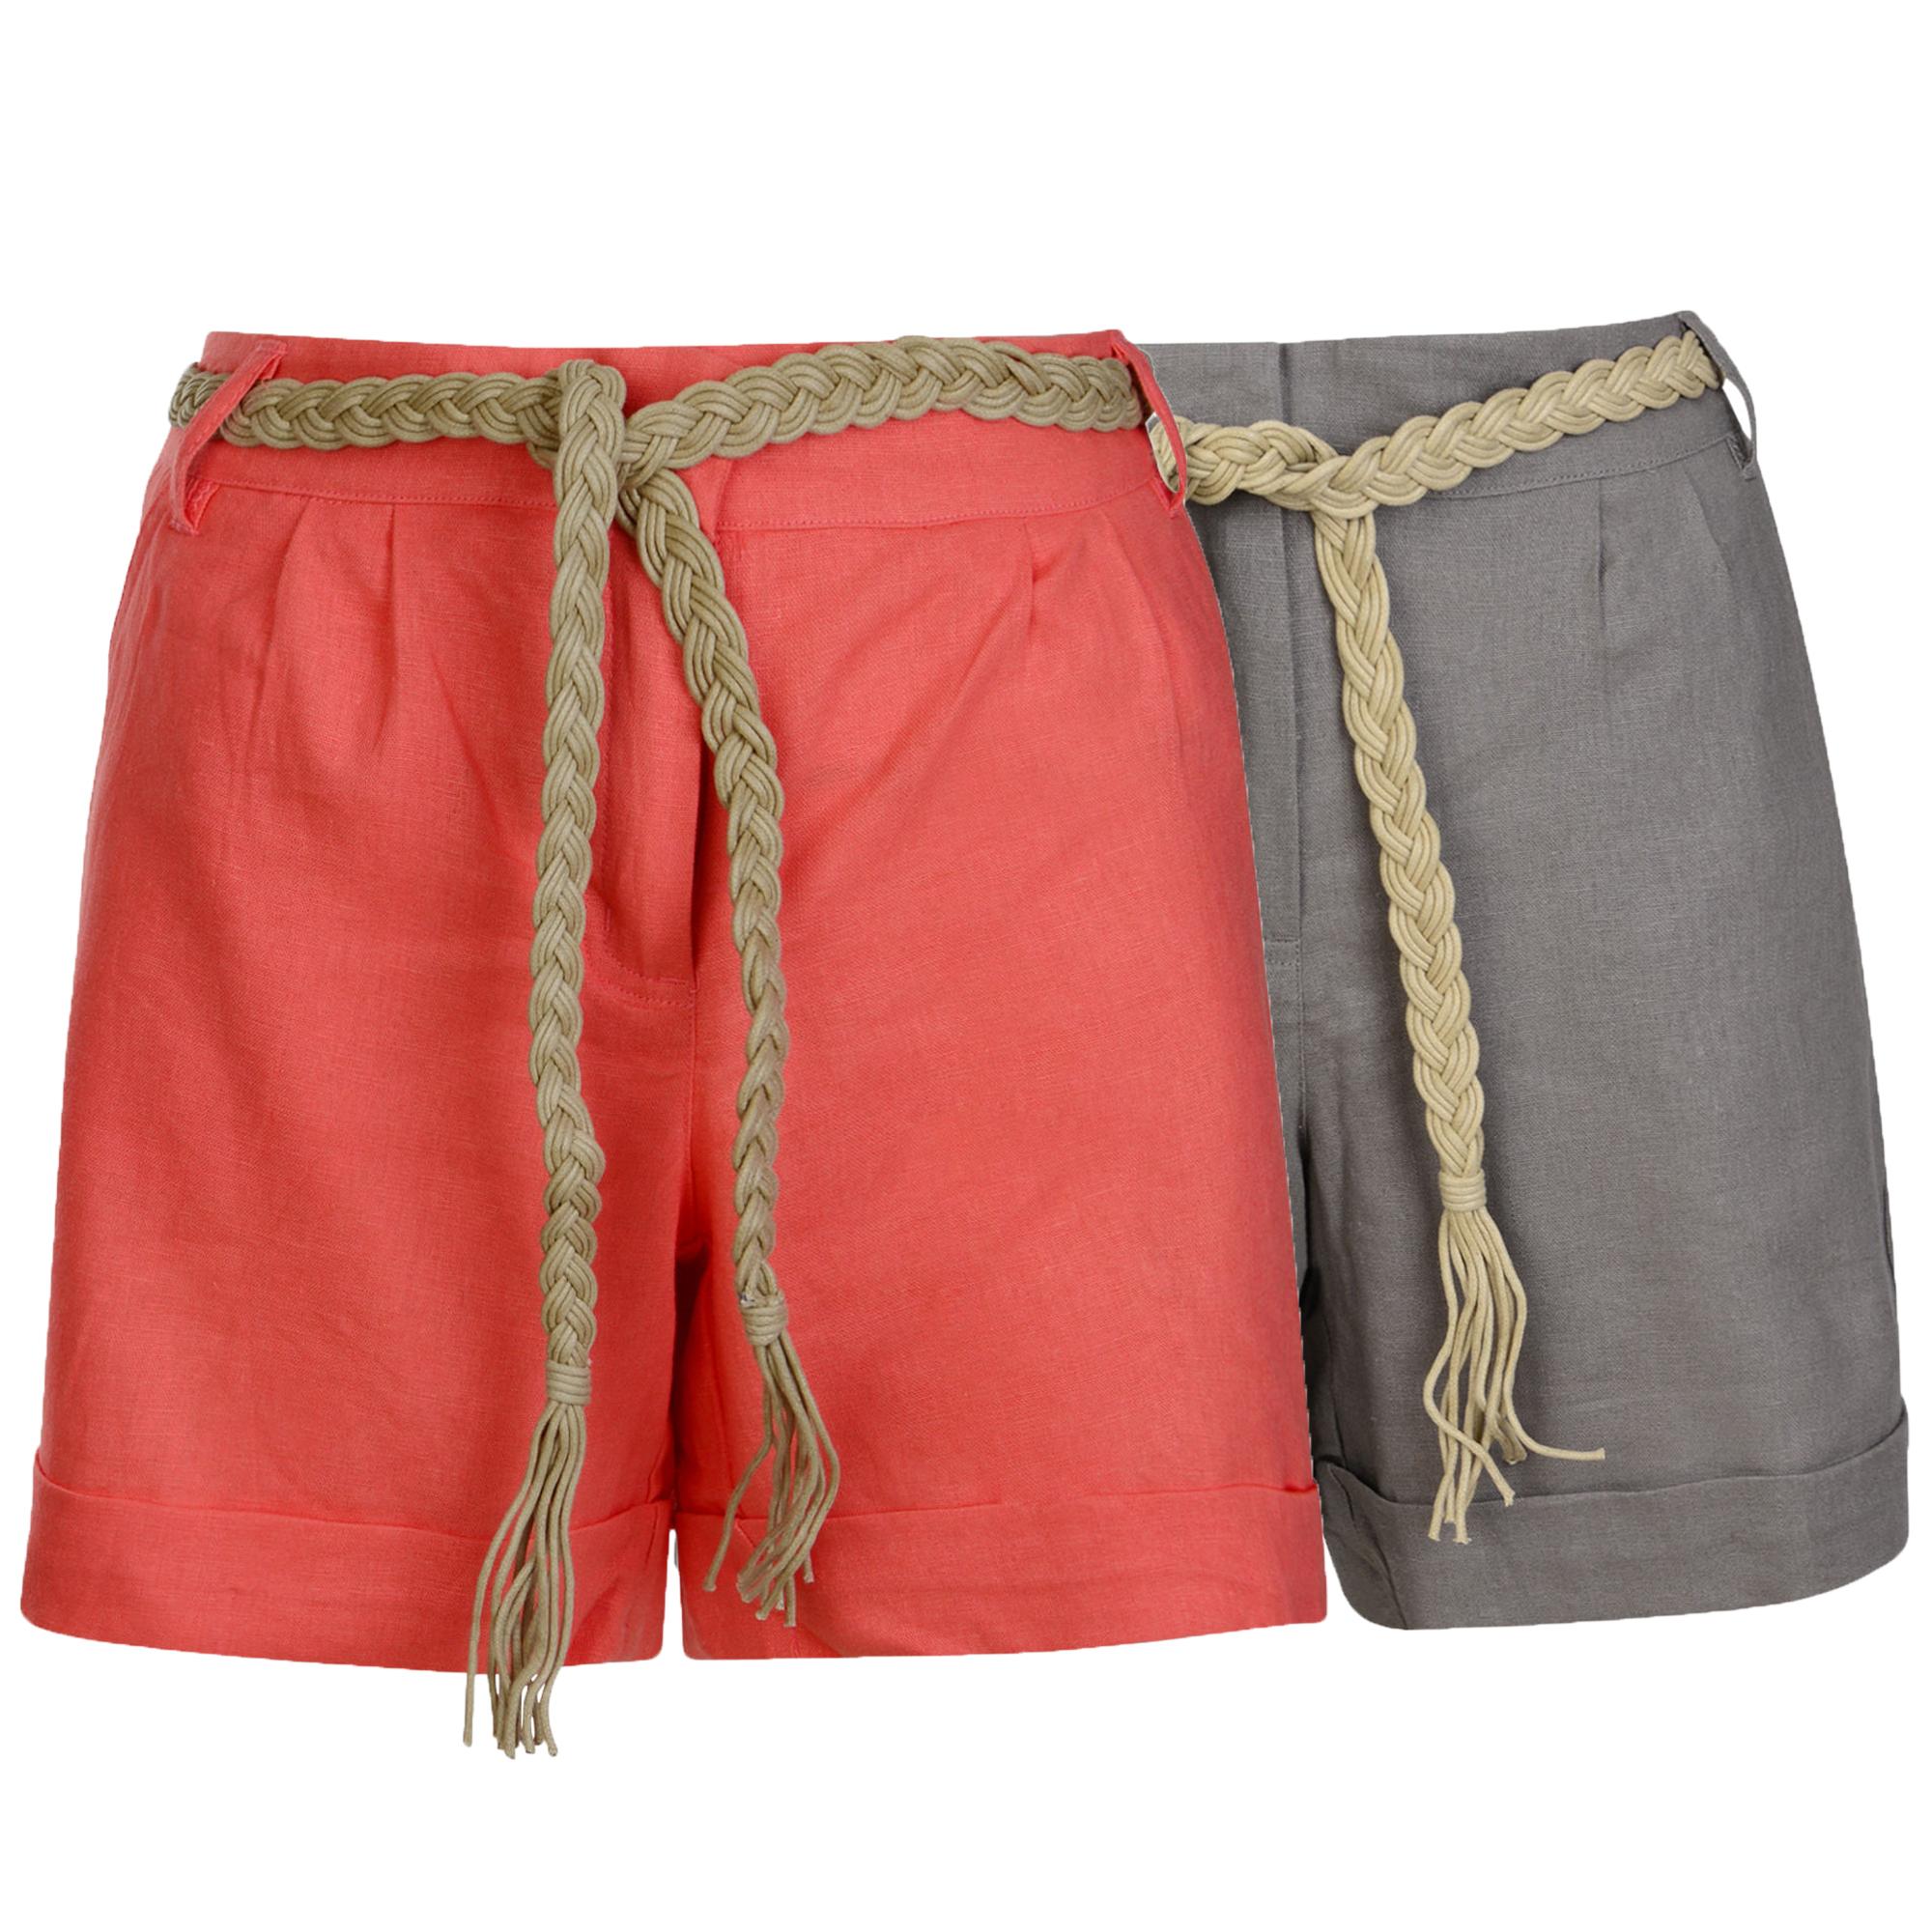 d4028bcddefd Detalles de Mujer Pantalón Corto de Lino con Cinturón para Dama con Vuelta  Pantalones